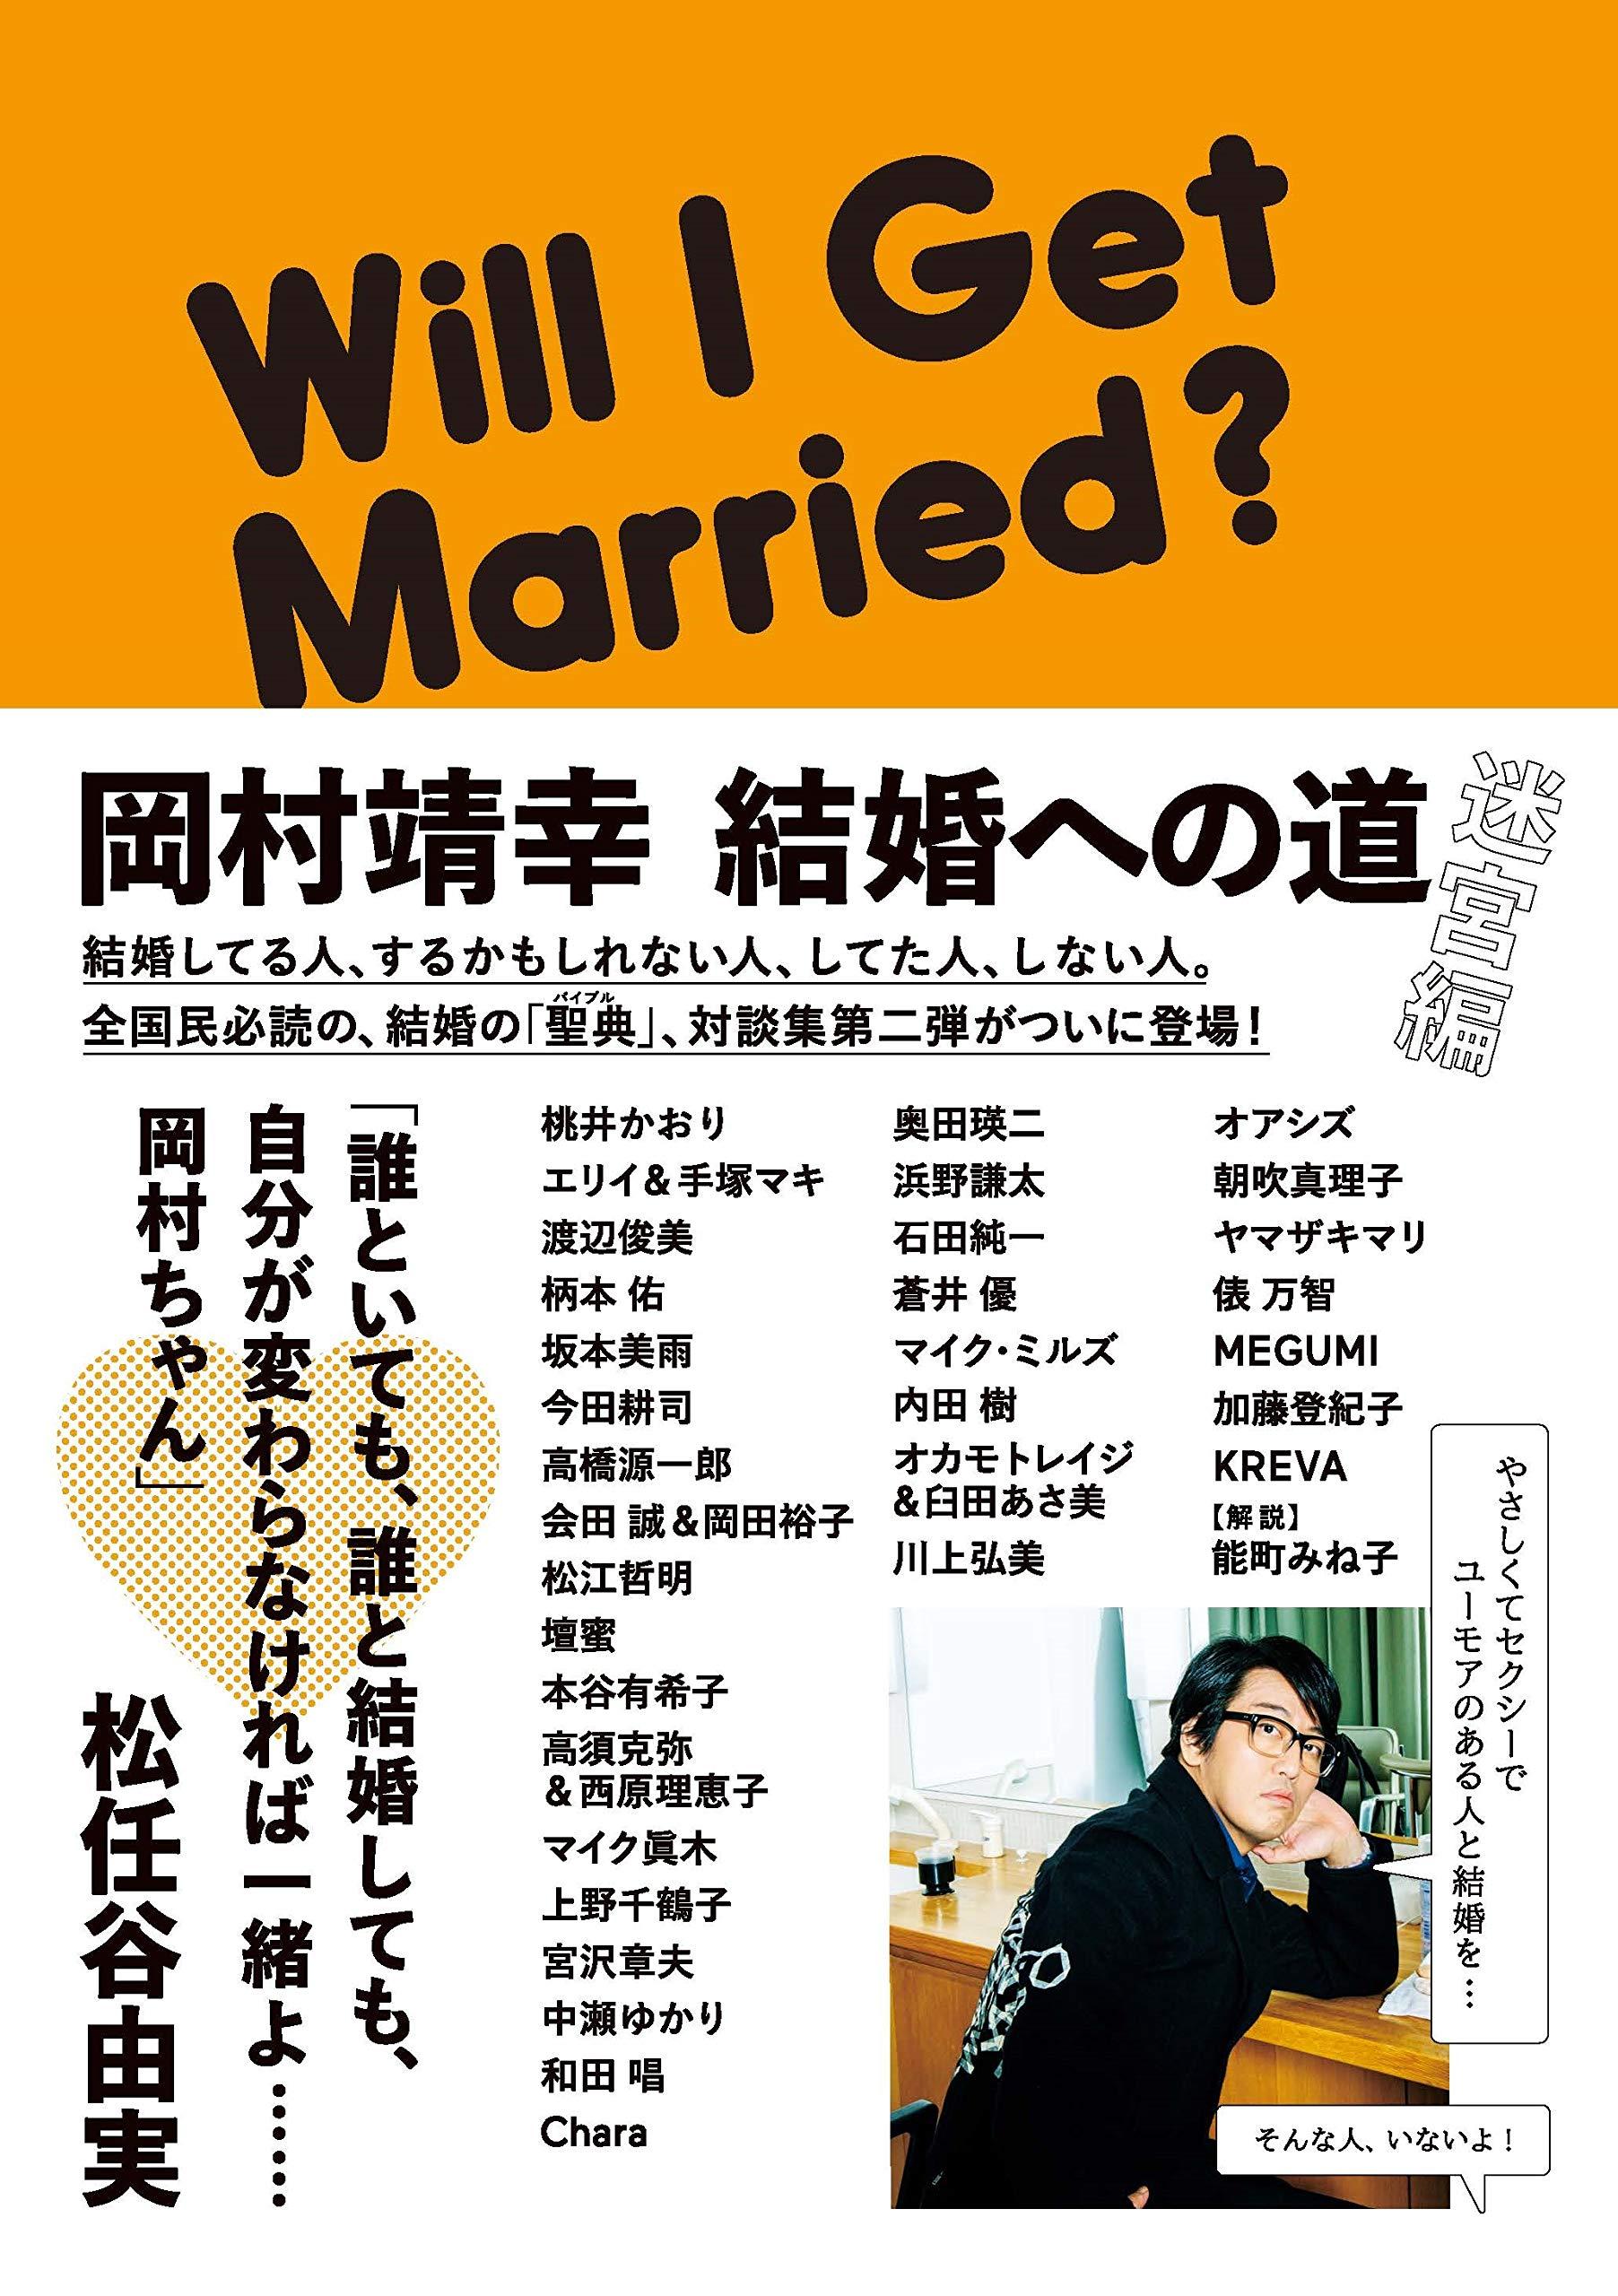 結婚 加藤純一